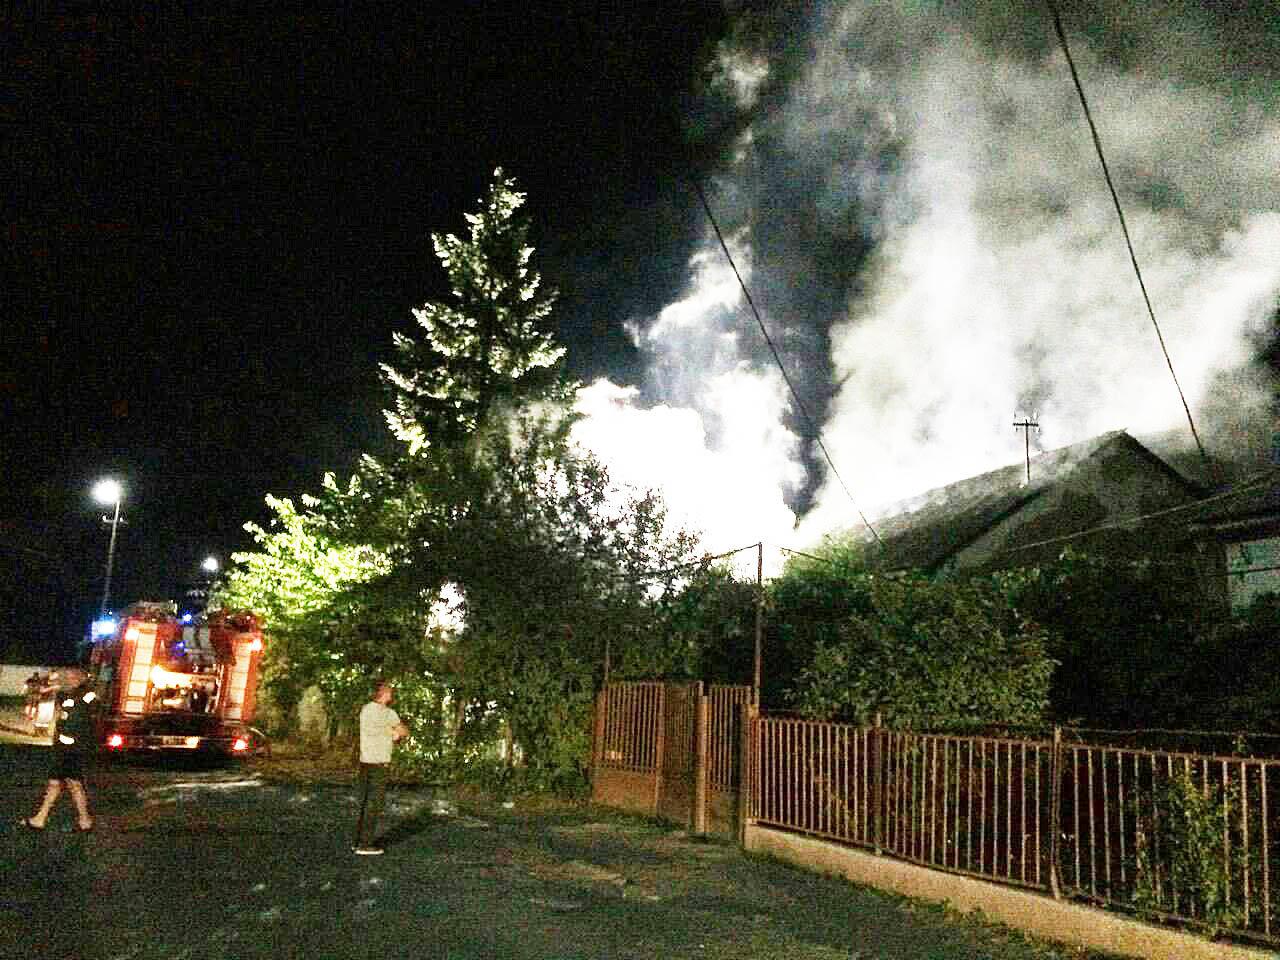 Закарпатському активісту спалили дві машини - поліція відкрила кримінальне провадження (ФОТО), фото-2